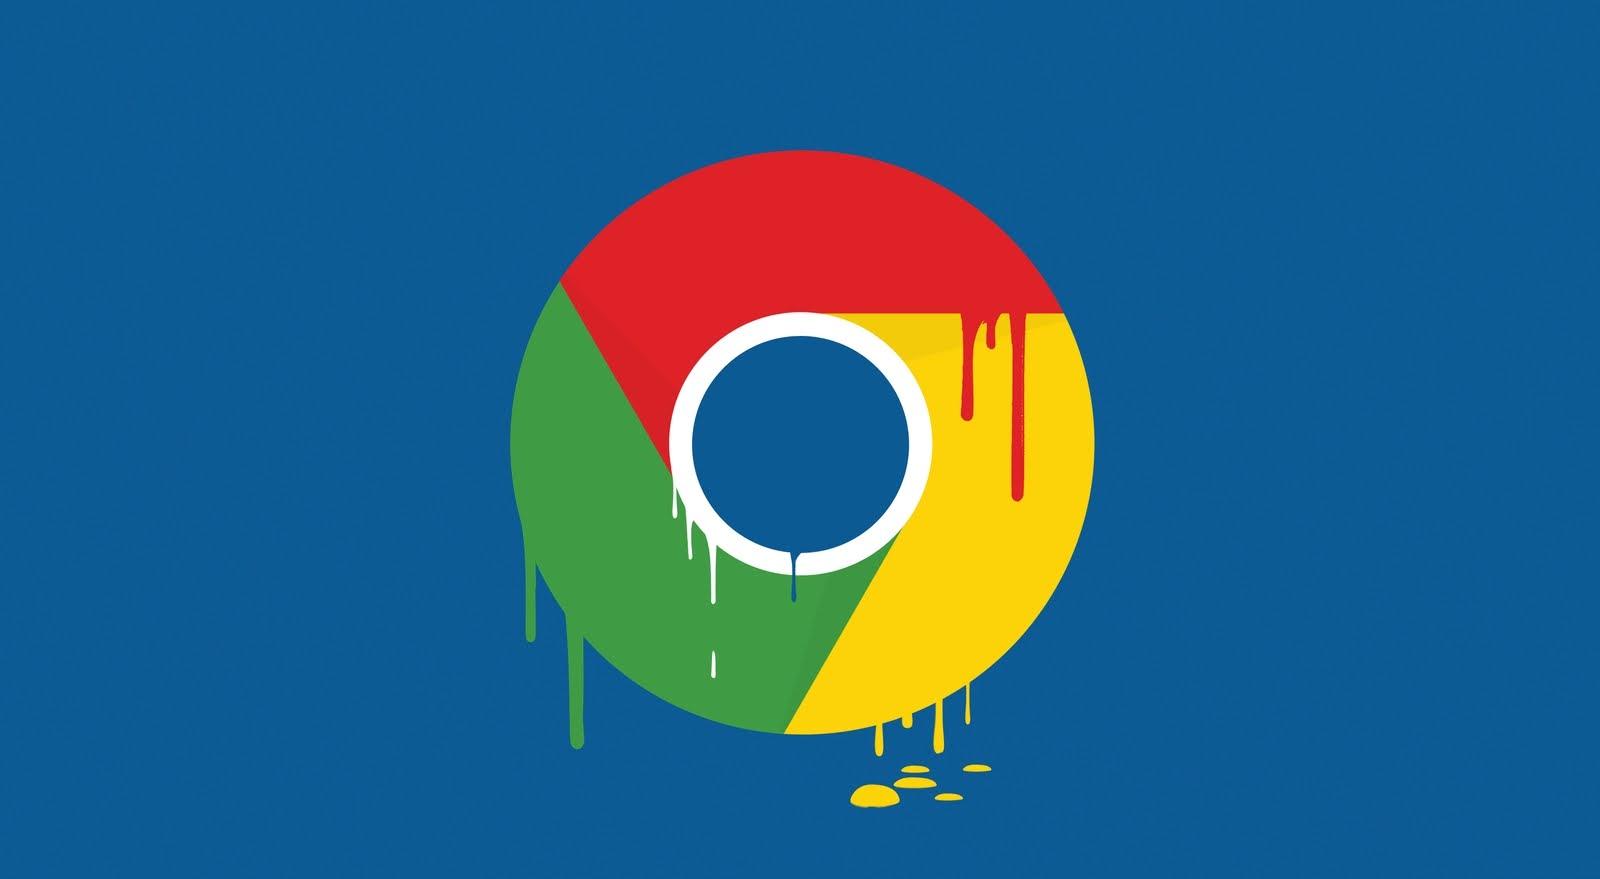 В Google Chrome обнаружена RCE-уязвимость, но исправлять ее не планируют